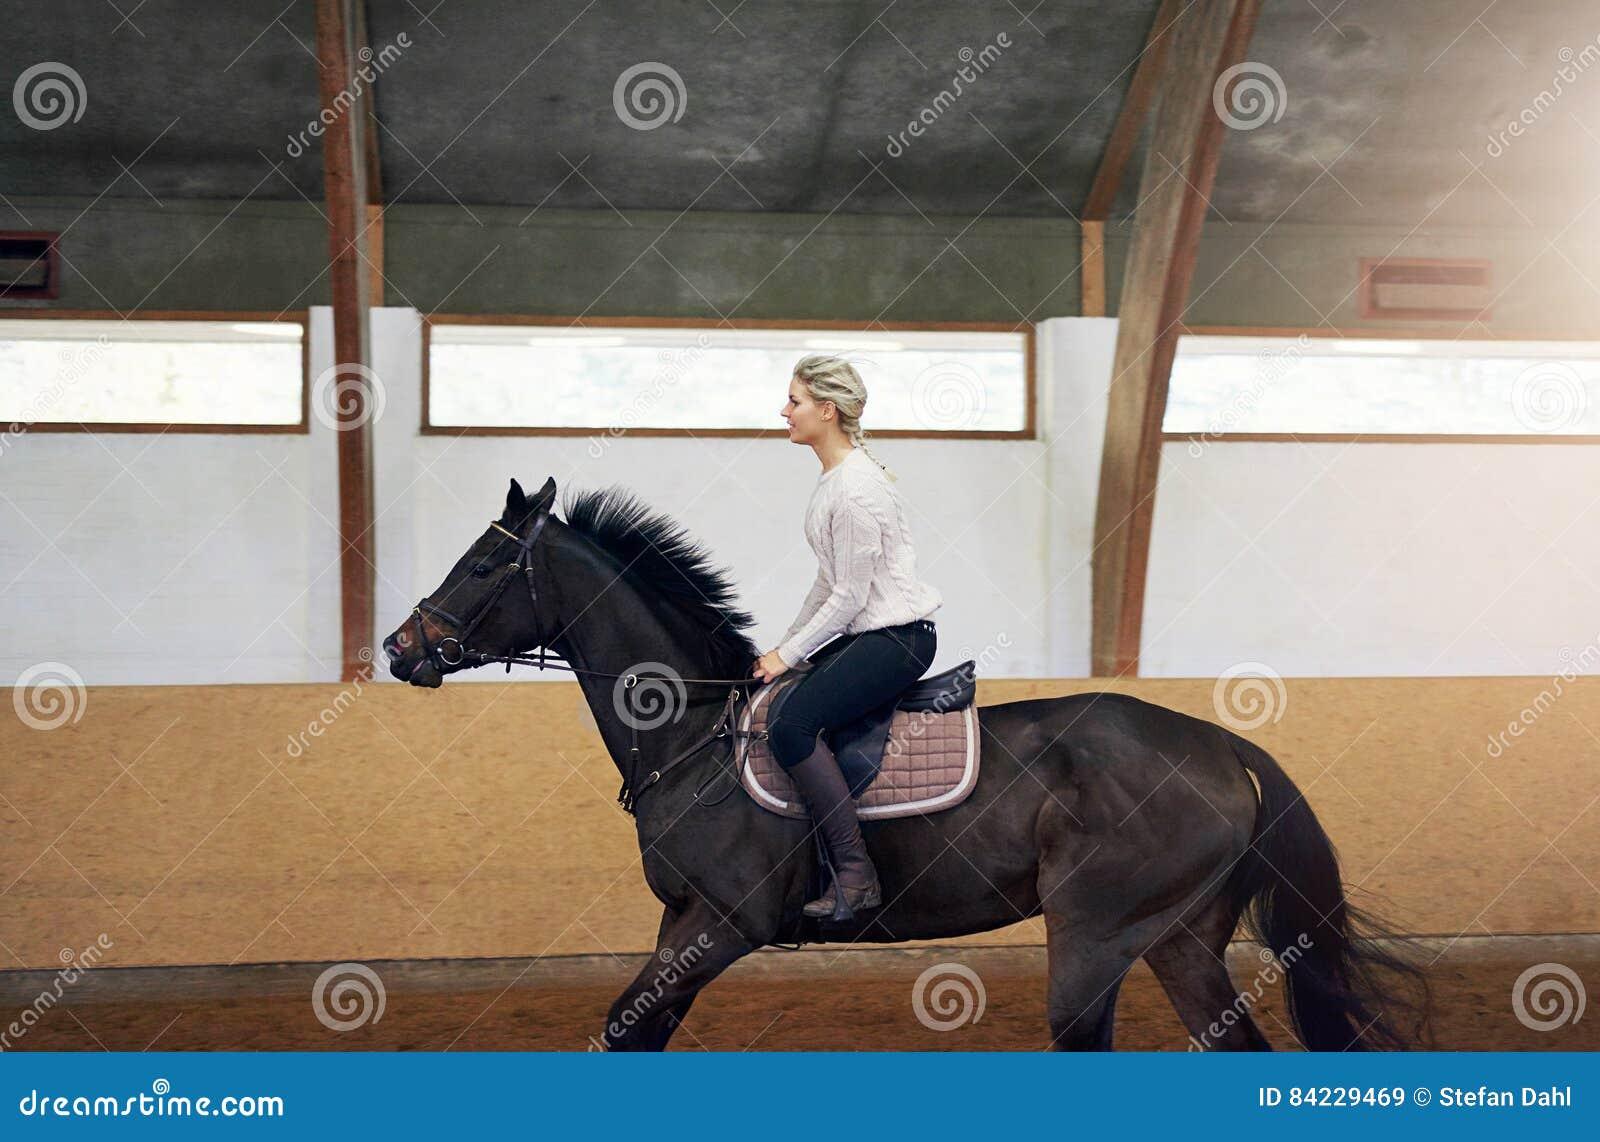 Profiel van een vrouw op een paard